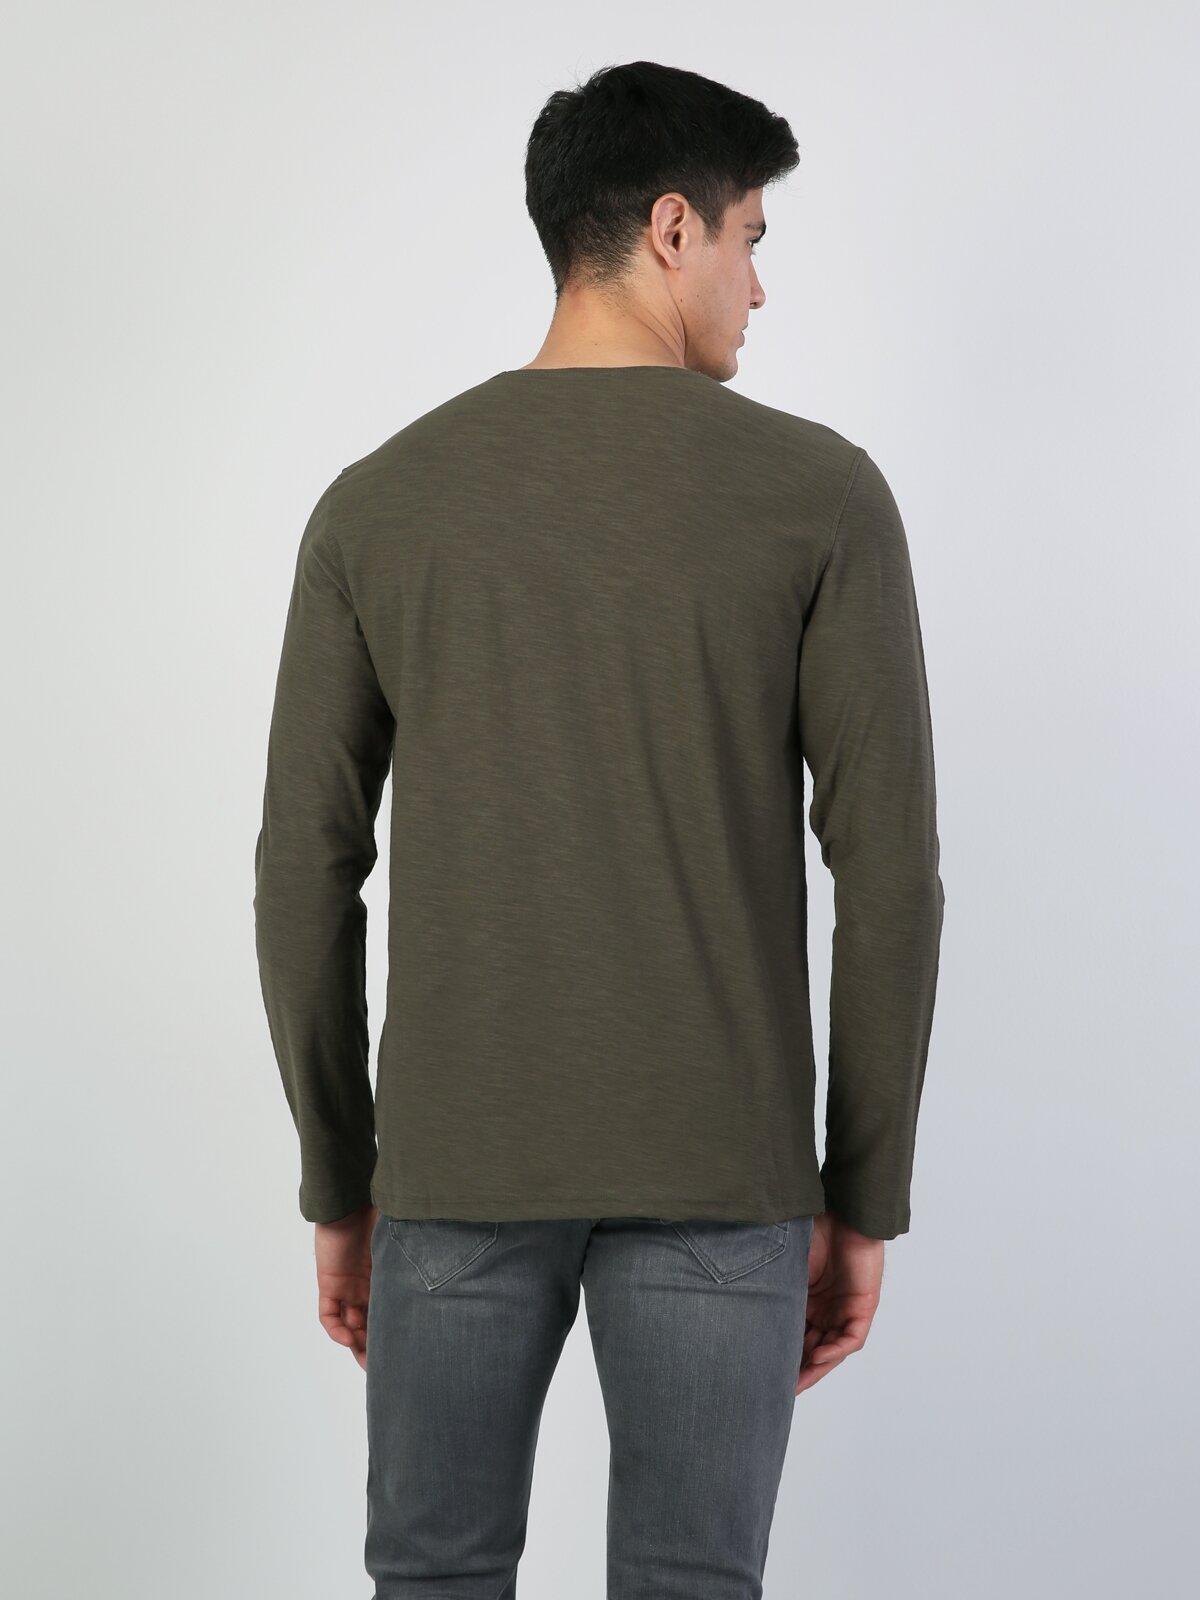 Haki Yuvarlak Yaka Uzun Kol Tişört